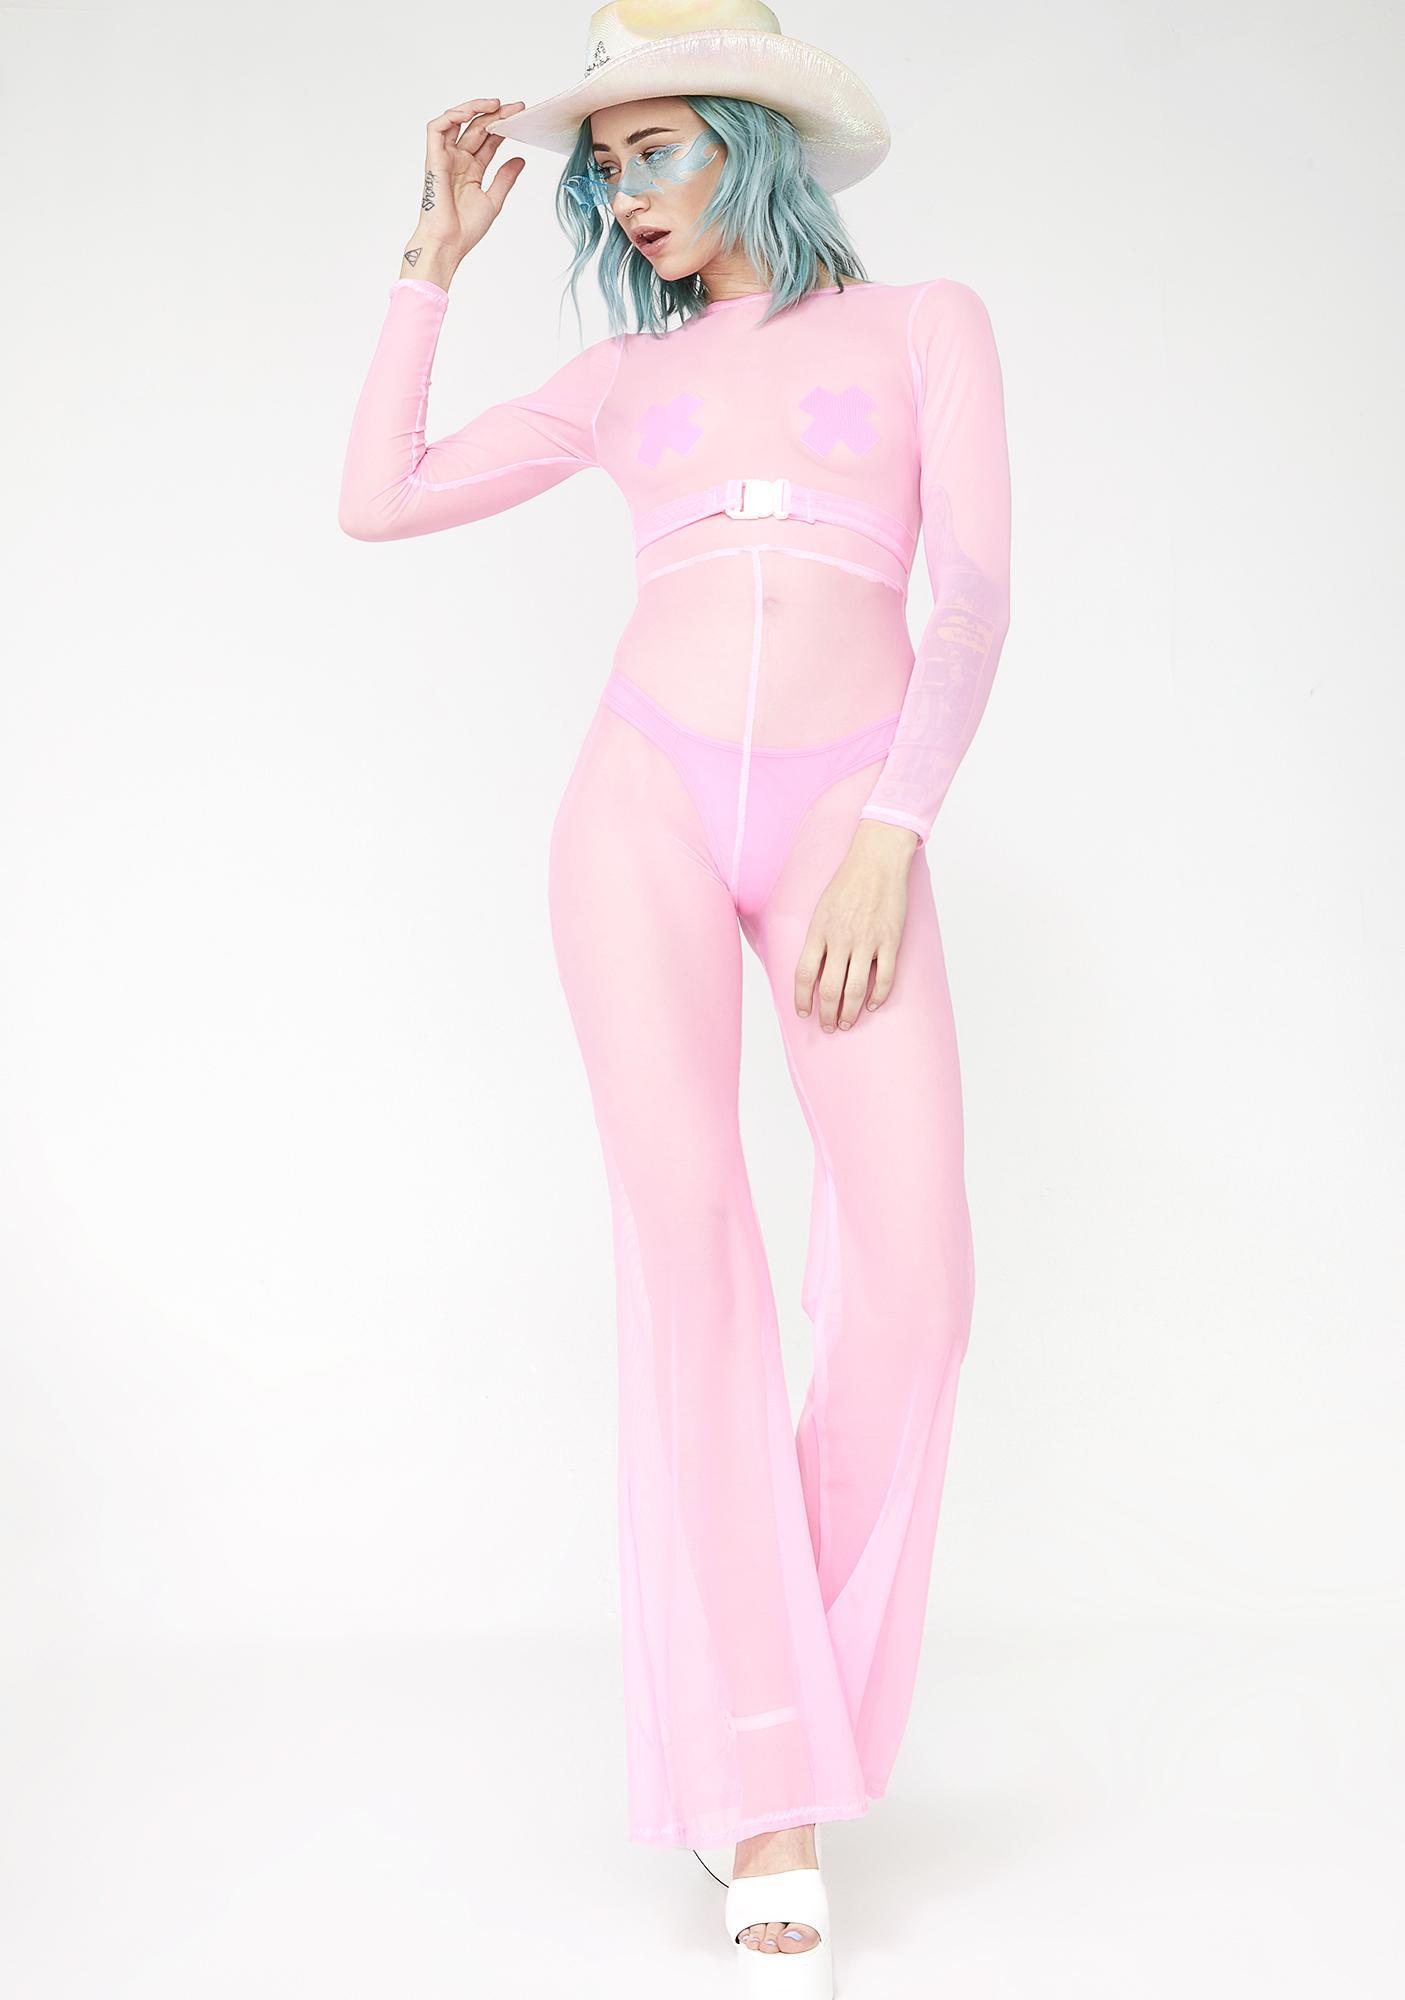 Babydol Clothing Barbie Pink Sheer Jumpsuit